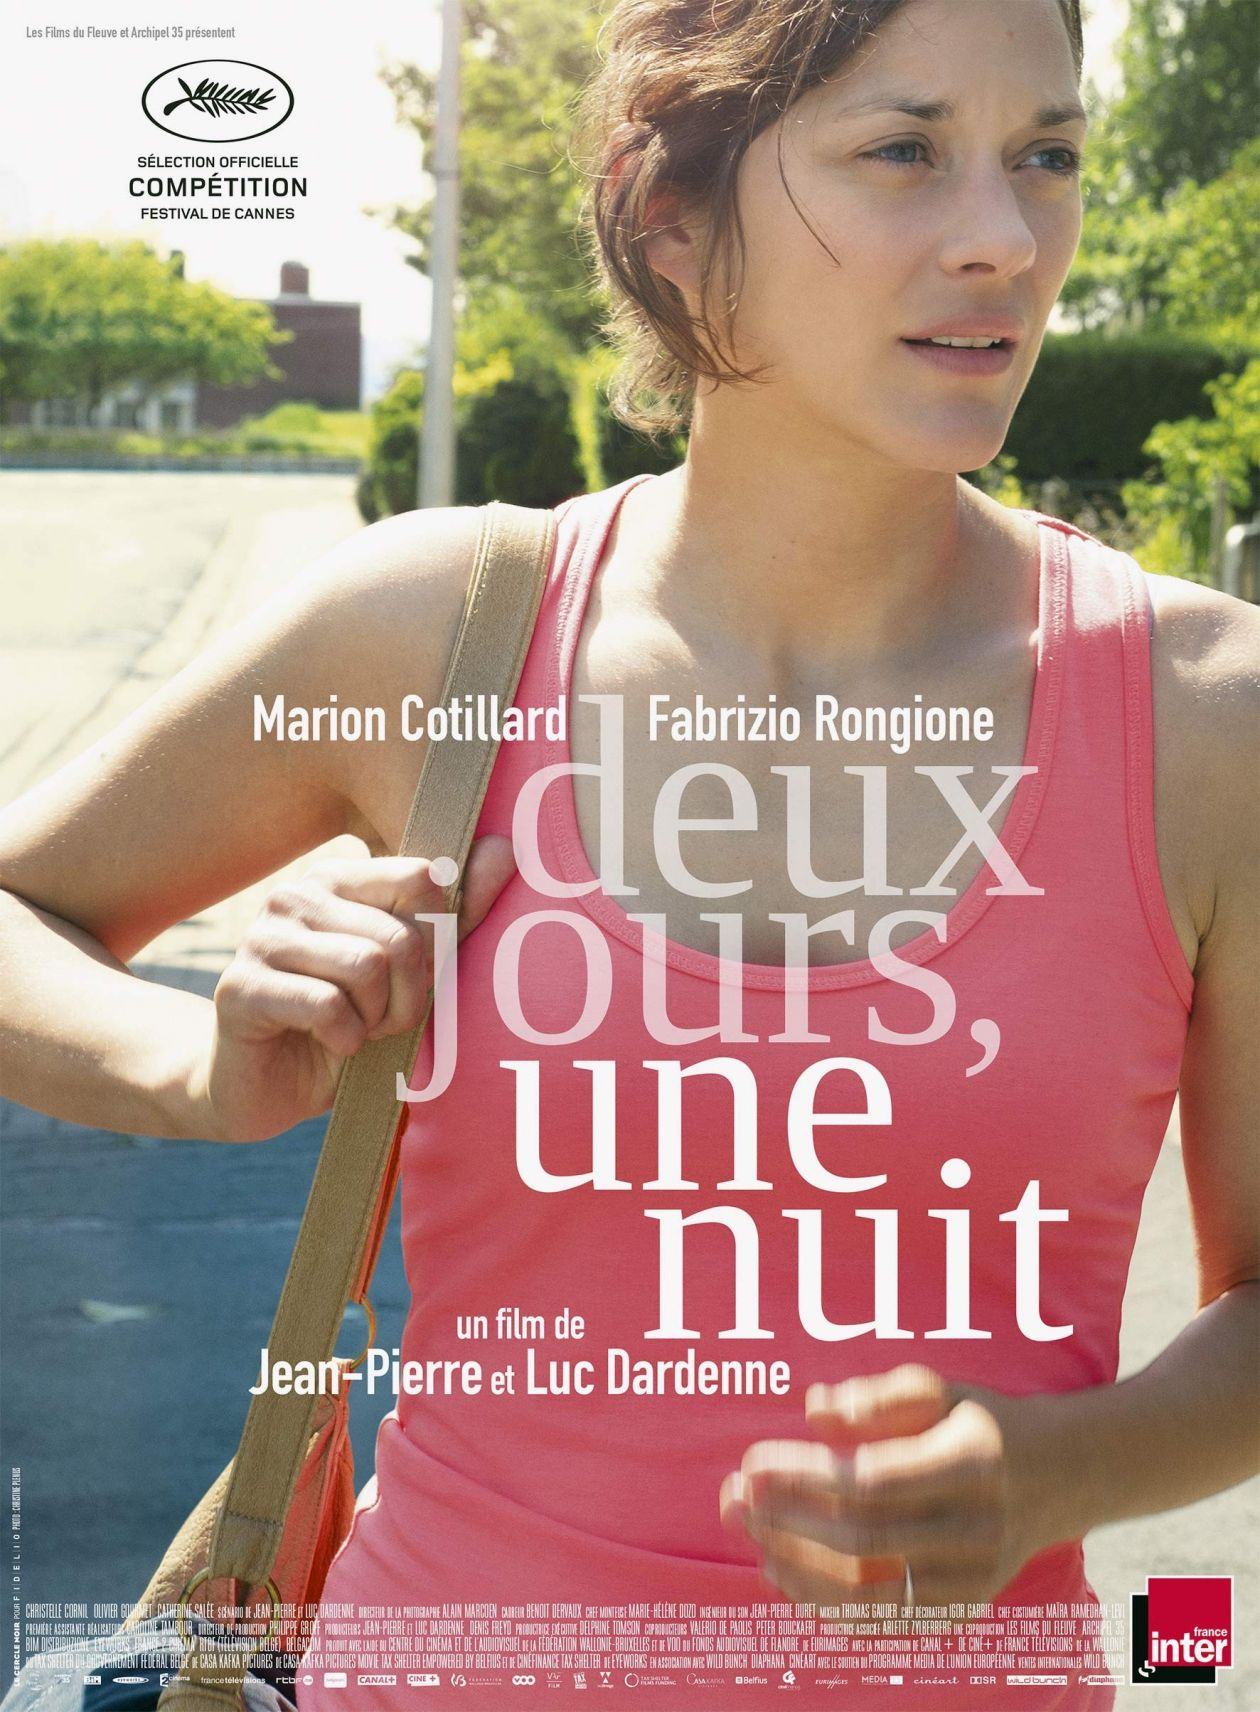 Marion Cotillard actress actrice comédienne / Deux jours, une nuit / Jean-Pierre Dardenne, Luc Dardenne 2014 Affiche film Movie Poster